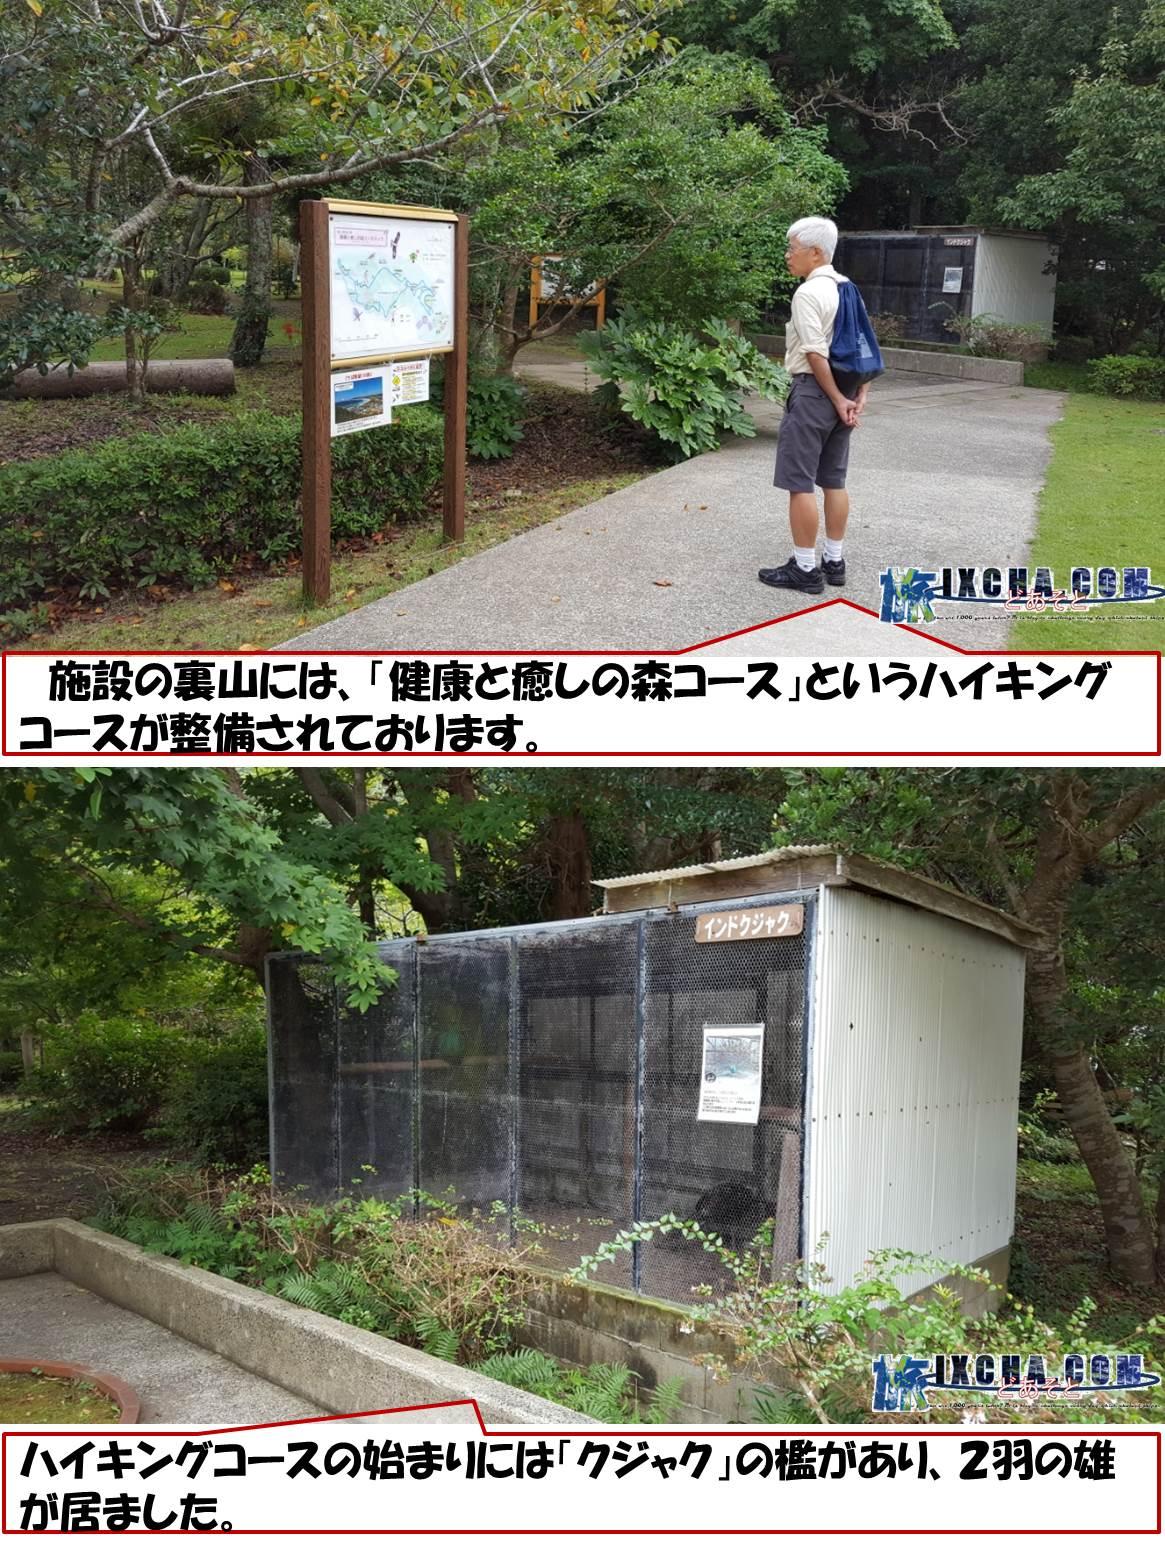 施設の裏山には、「健康と癒しの森コース」というハイキングコースが整備されております。 ハイキングコースの始まりには「クジャク」の檻があり、2羽の雄が居ました。